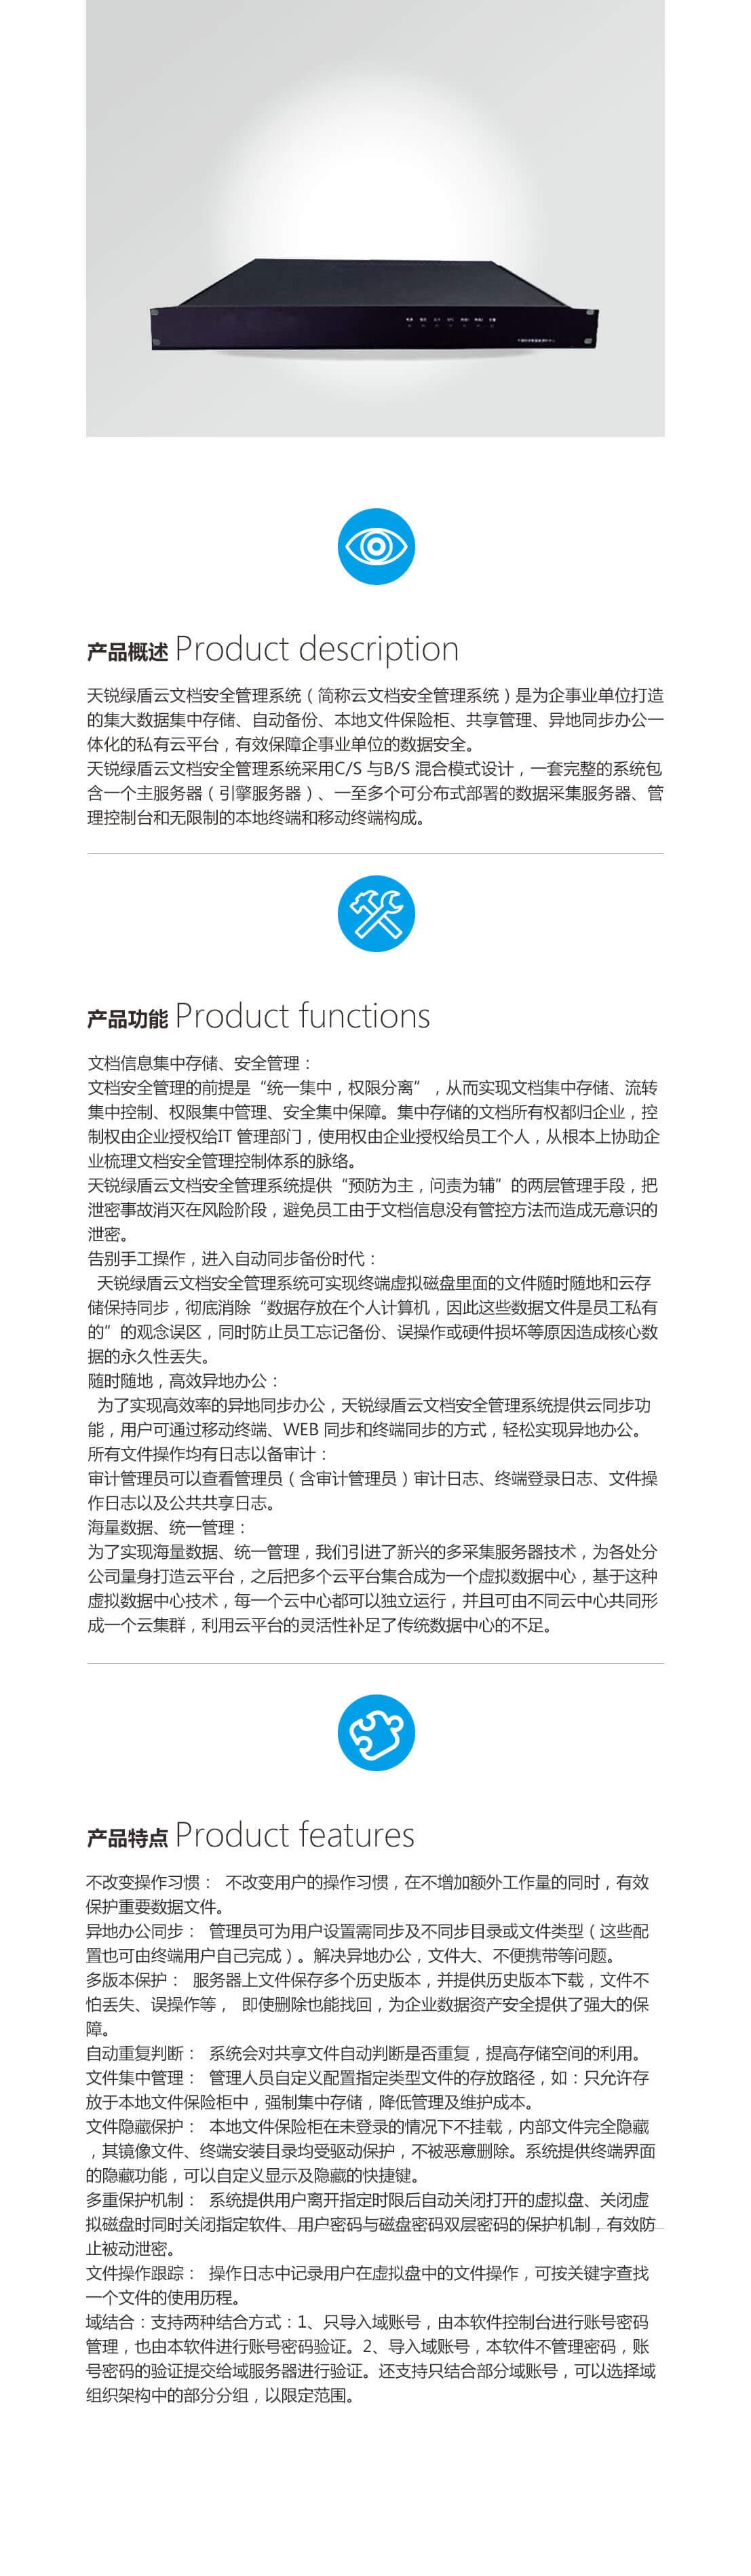 天锐绿盾云文档安全管理系统.jpg